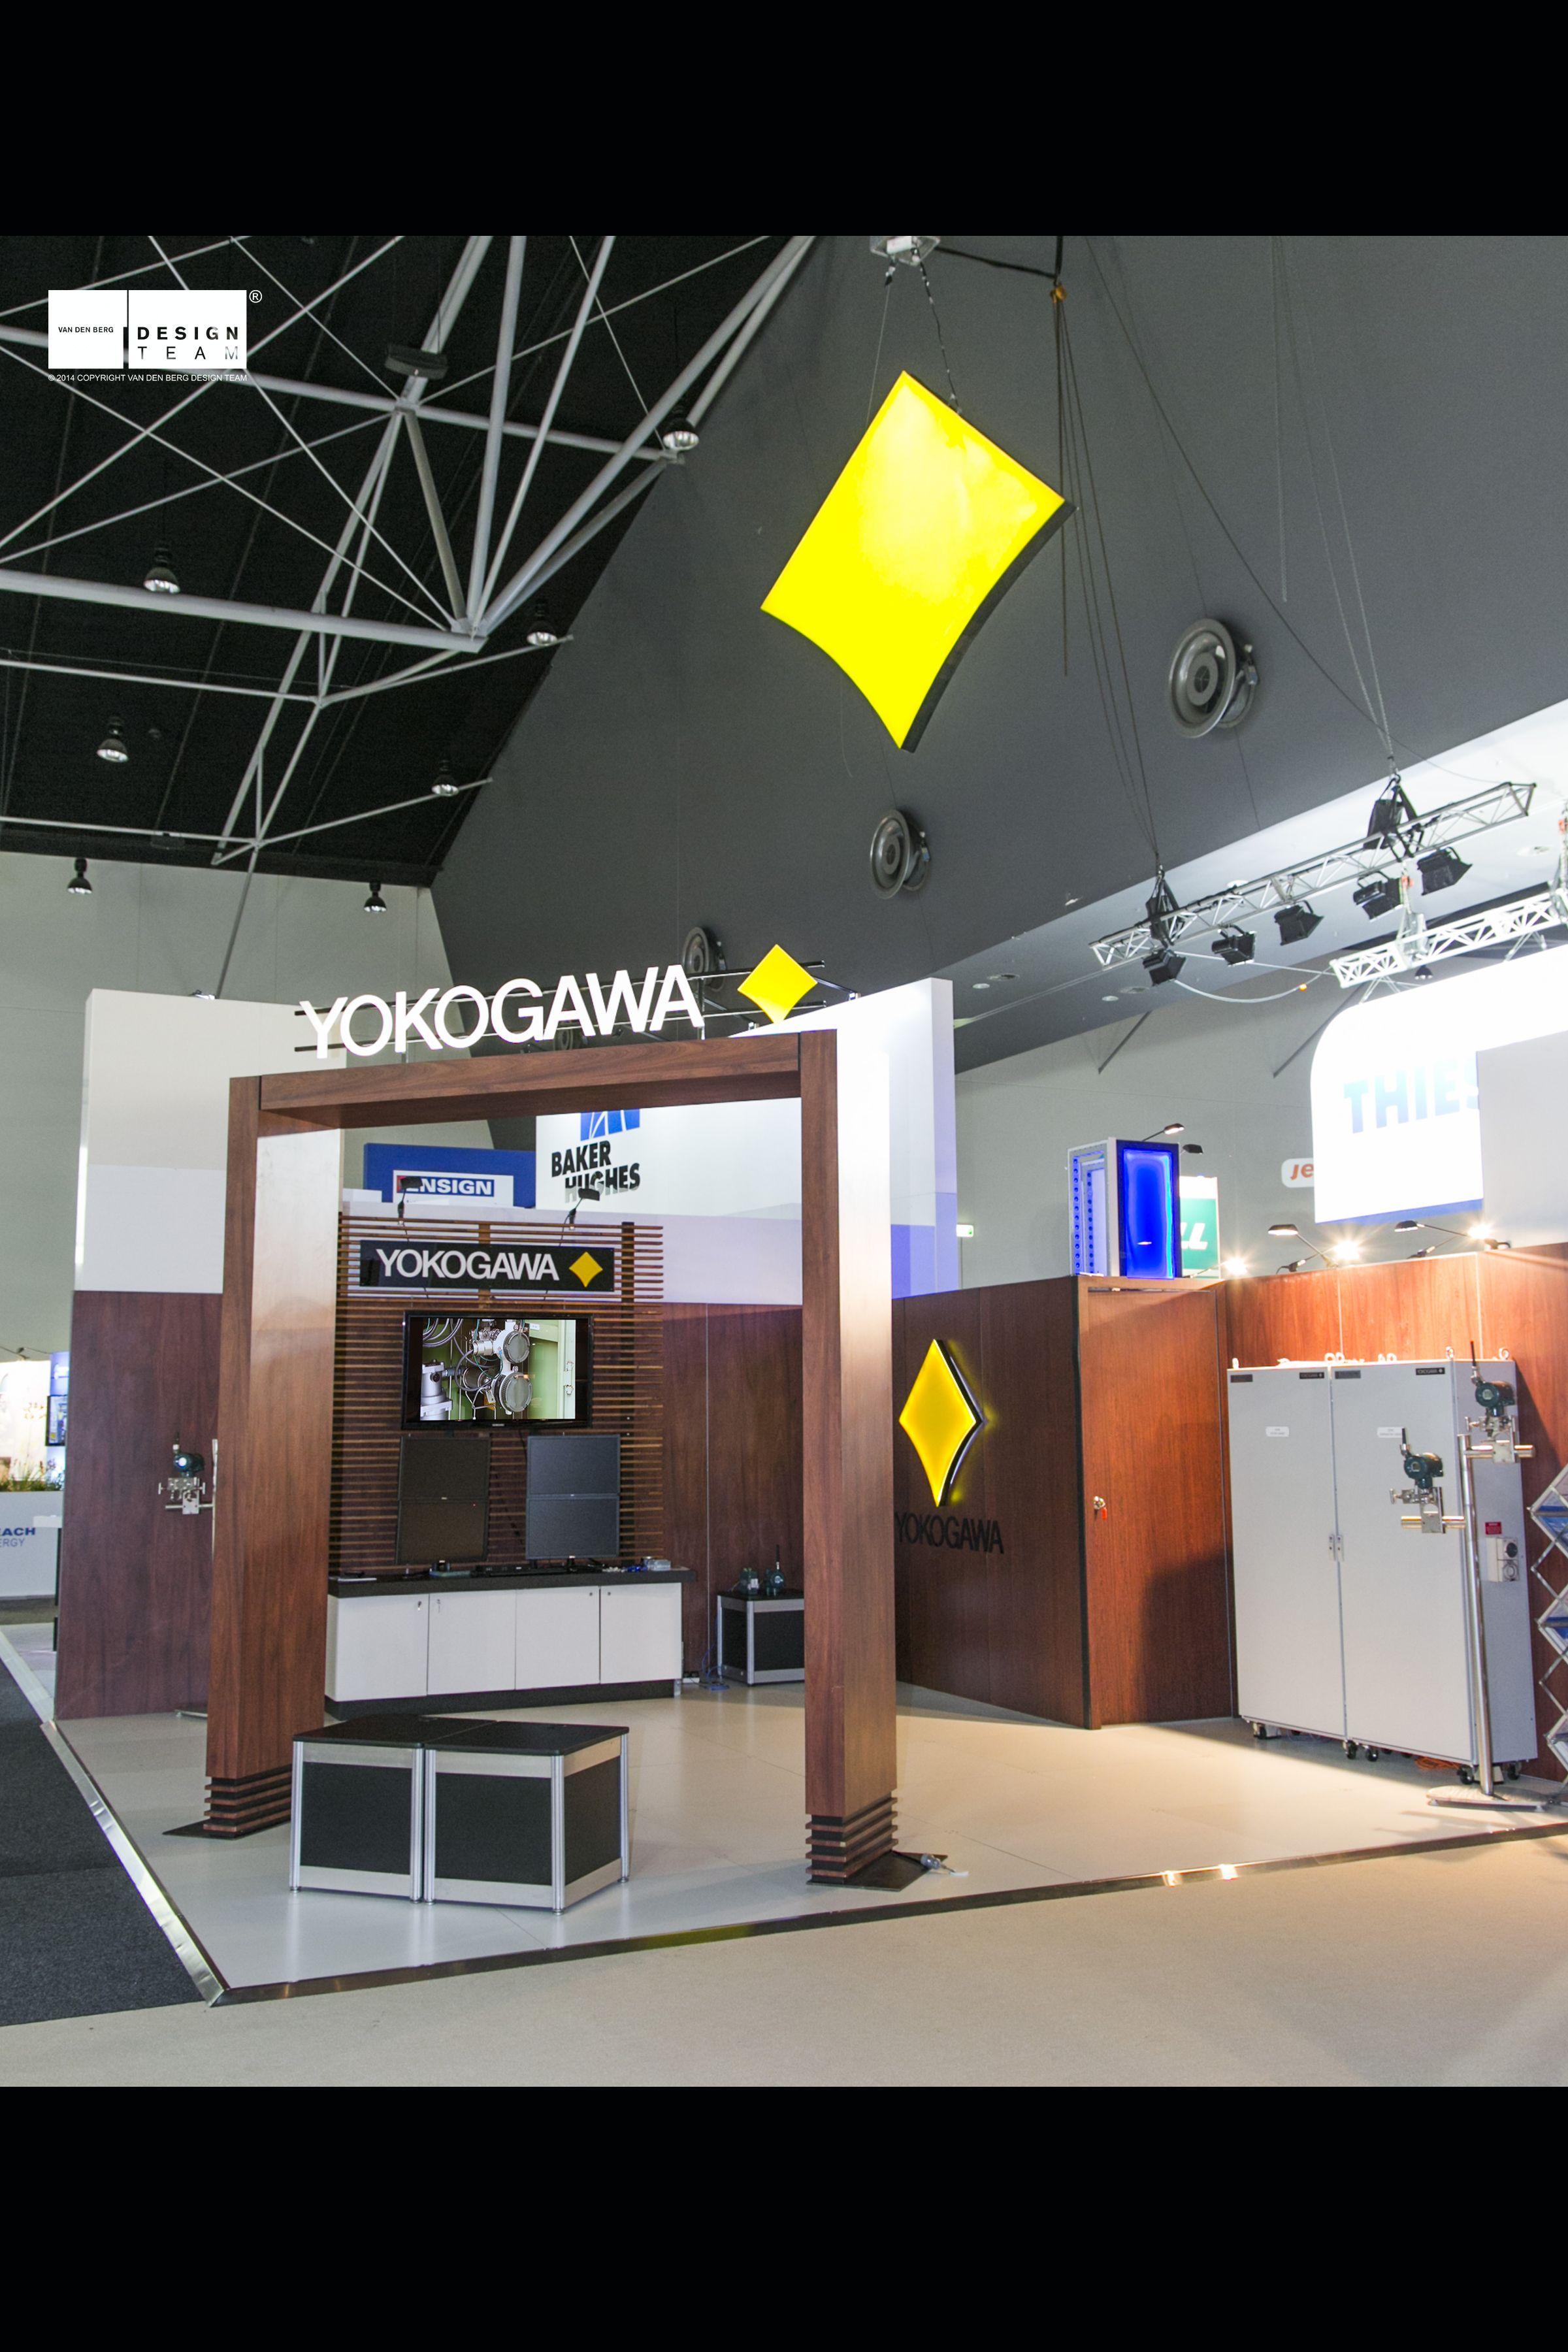 YOKOGAWA APPEA Yokogawa Electric Corporation is a Japanese